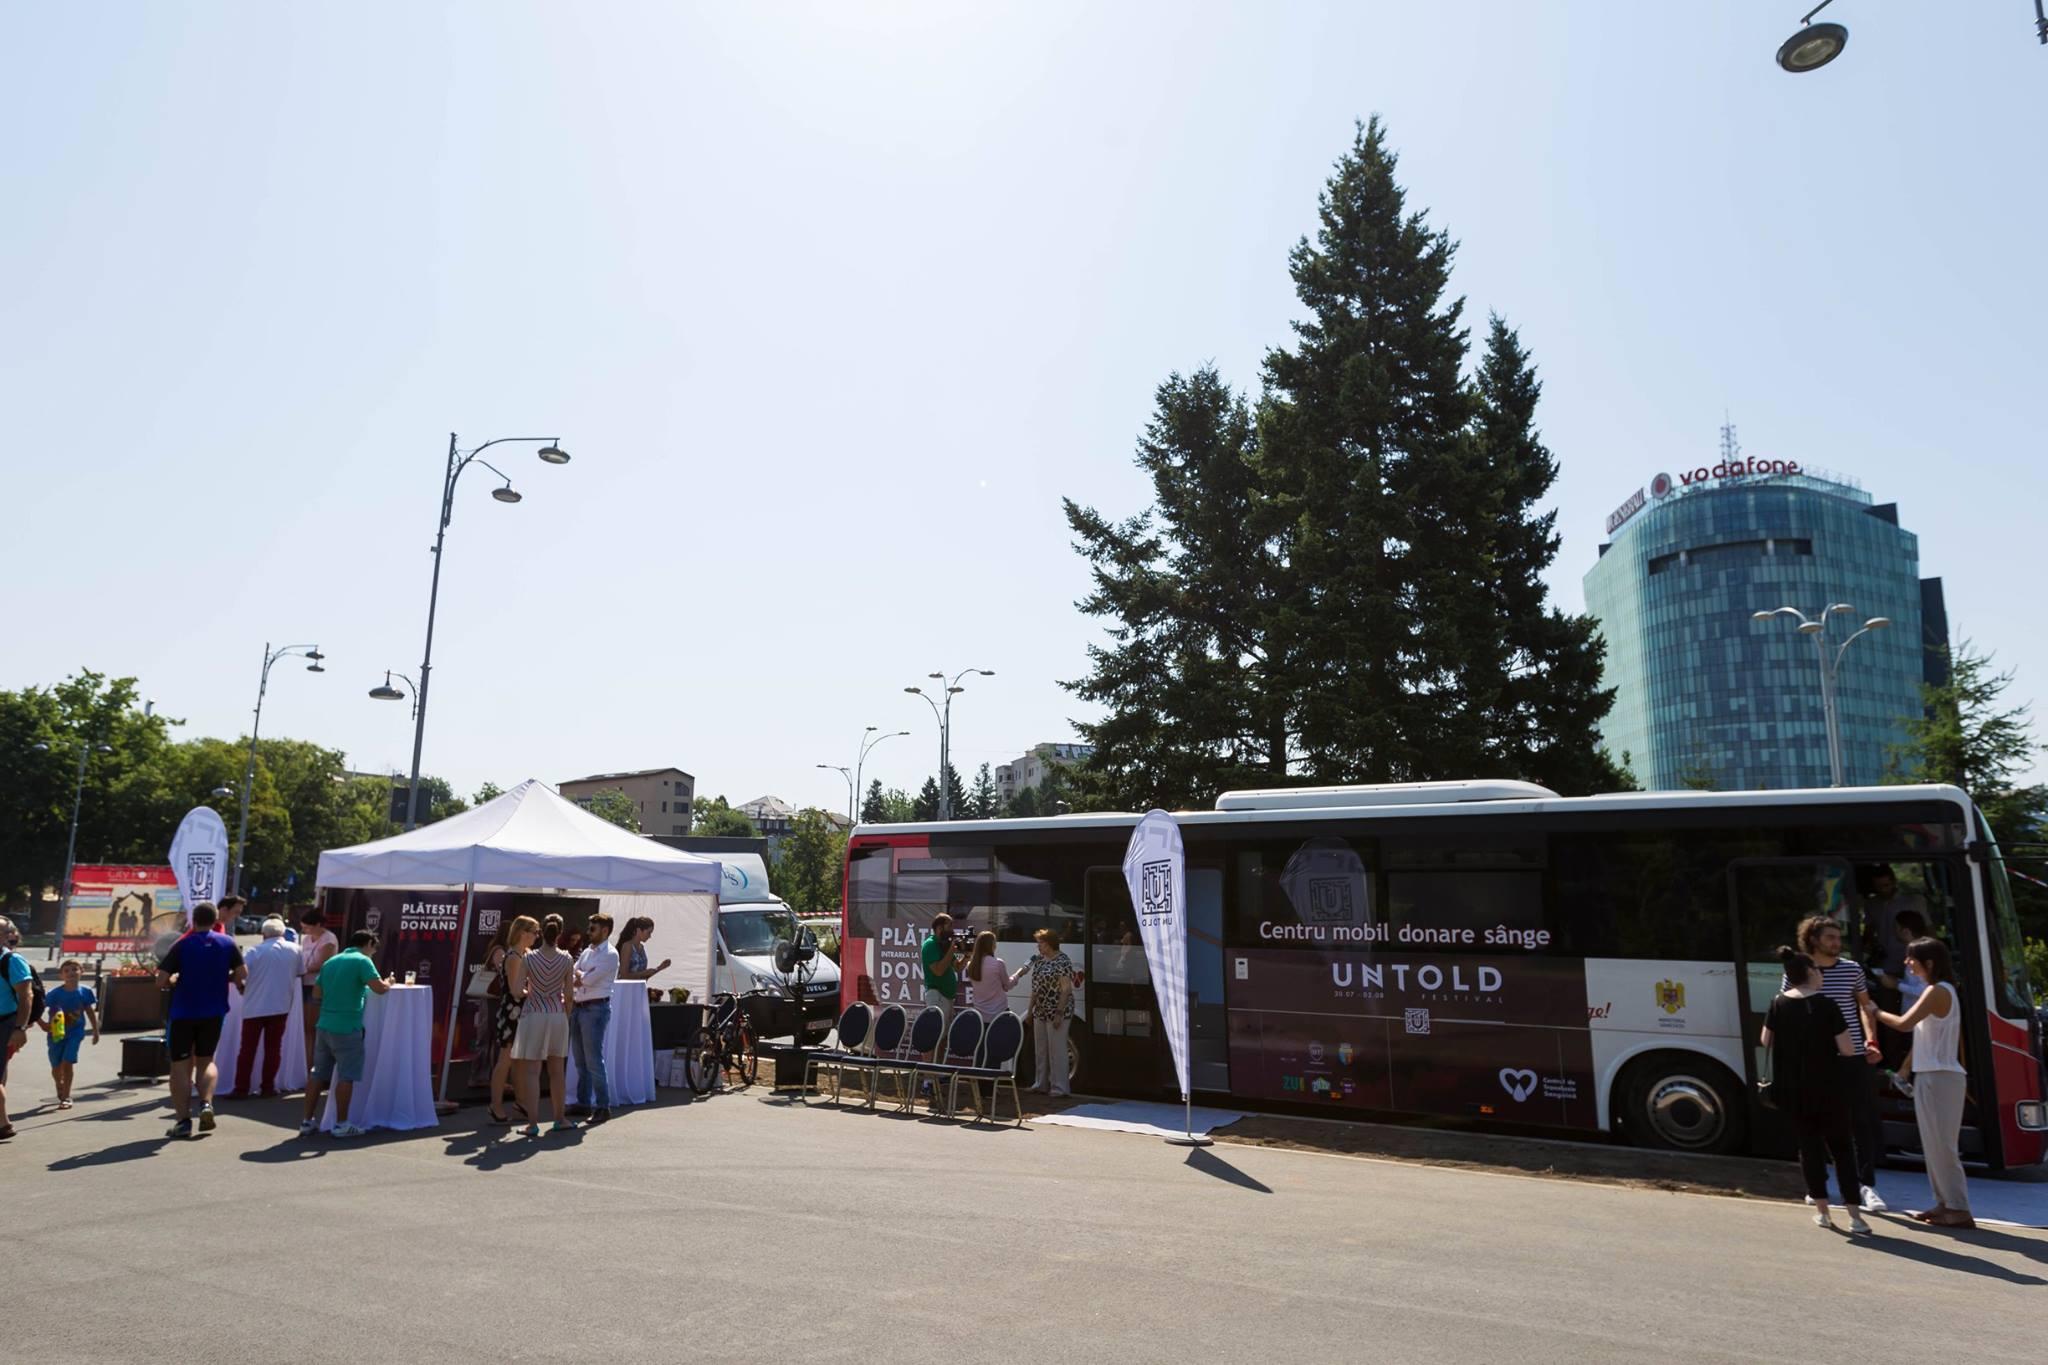 """Caravana """"Blood Network"""" poposește în acest weekend în Piața Unirii din Cluj! Vino și donează sânge și mergi GRATIS la UNTOLD!"""